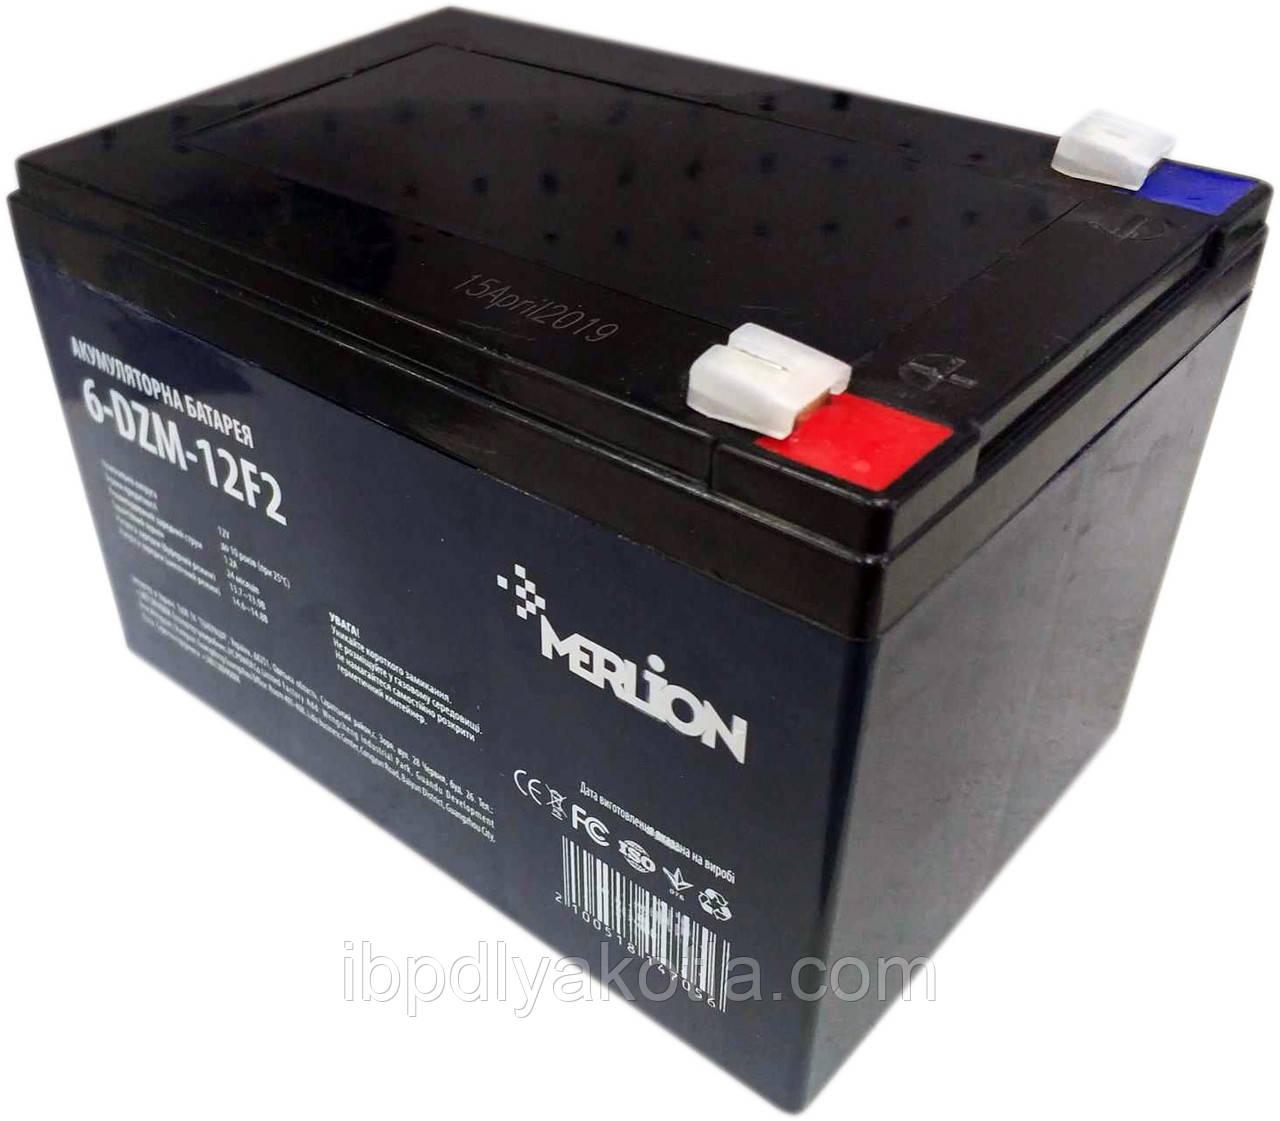 Merlion 6-DZM-12 12v 12ah, тяговый